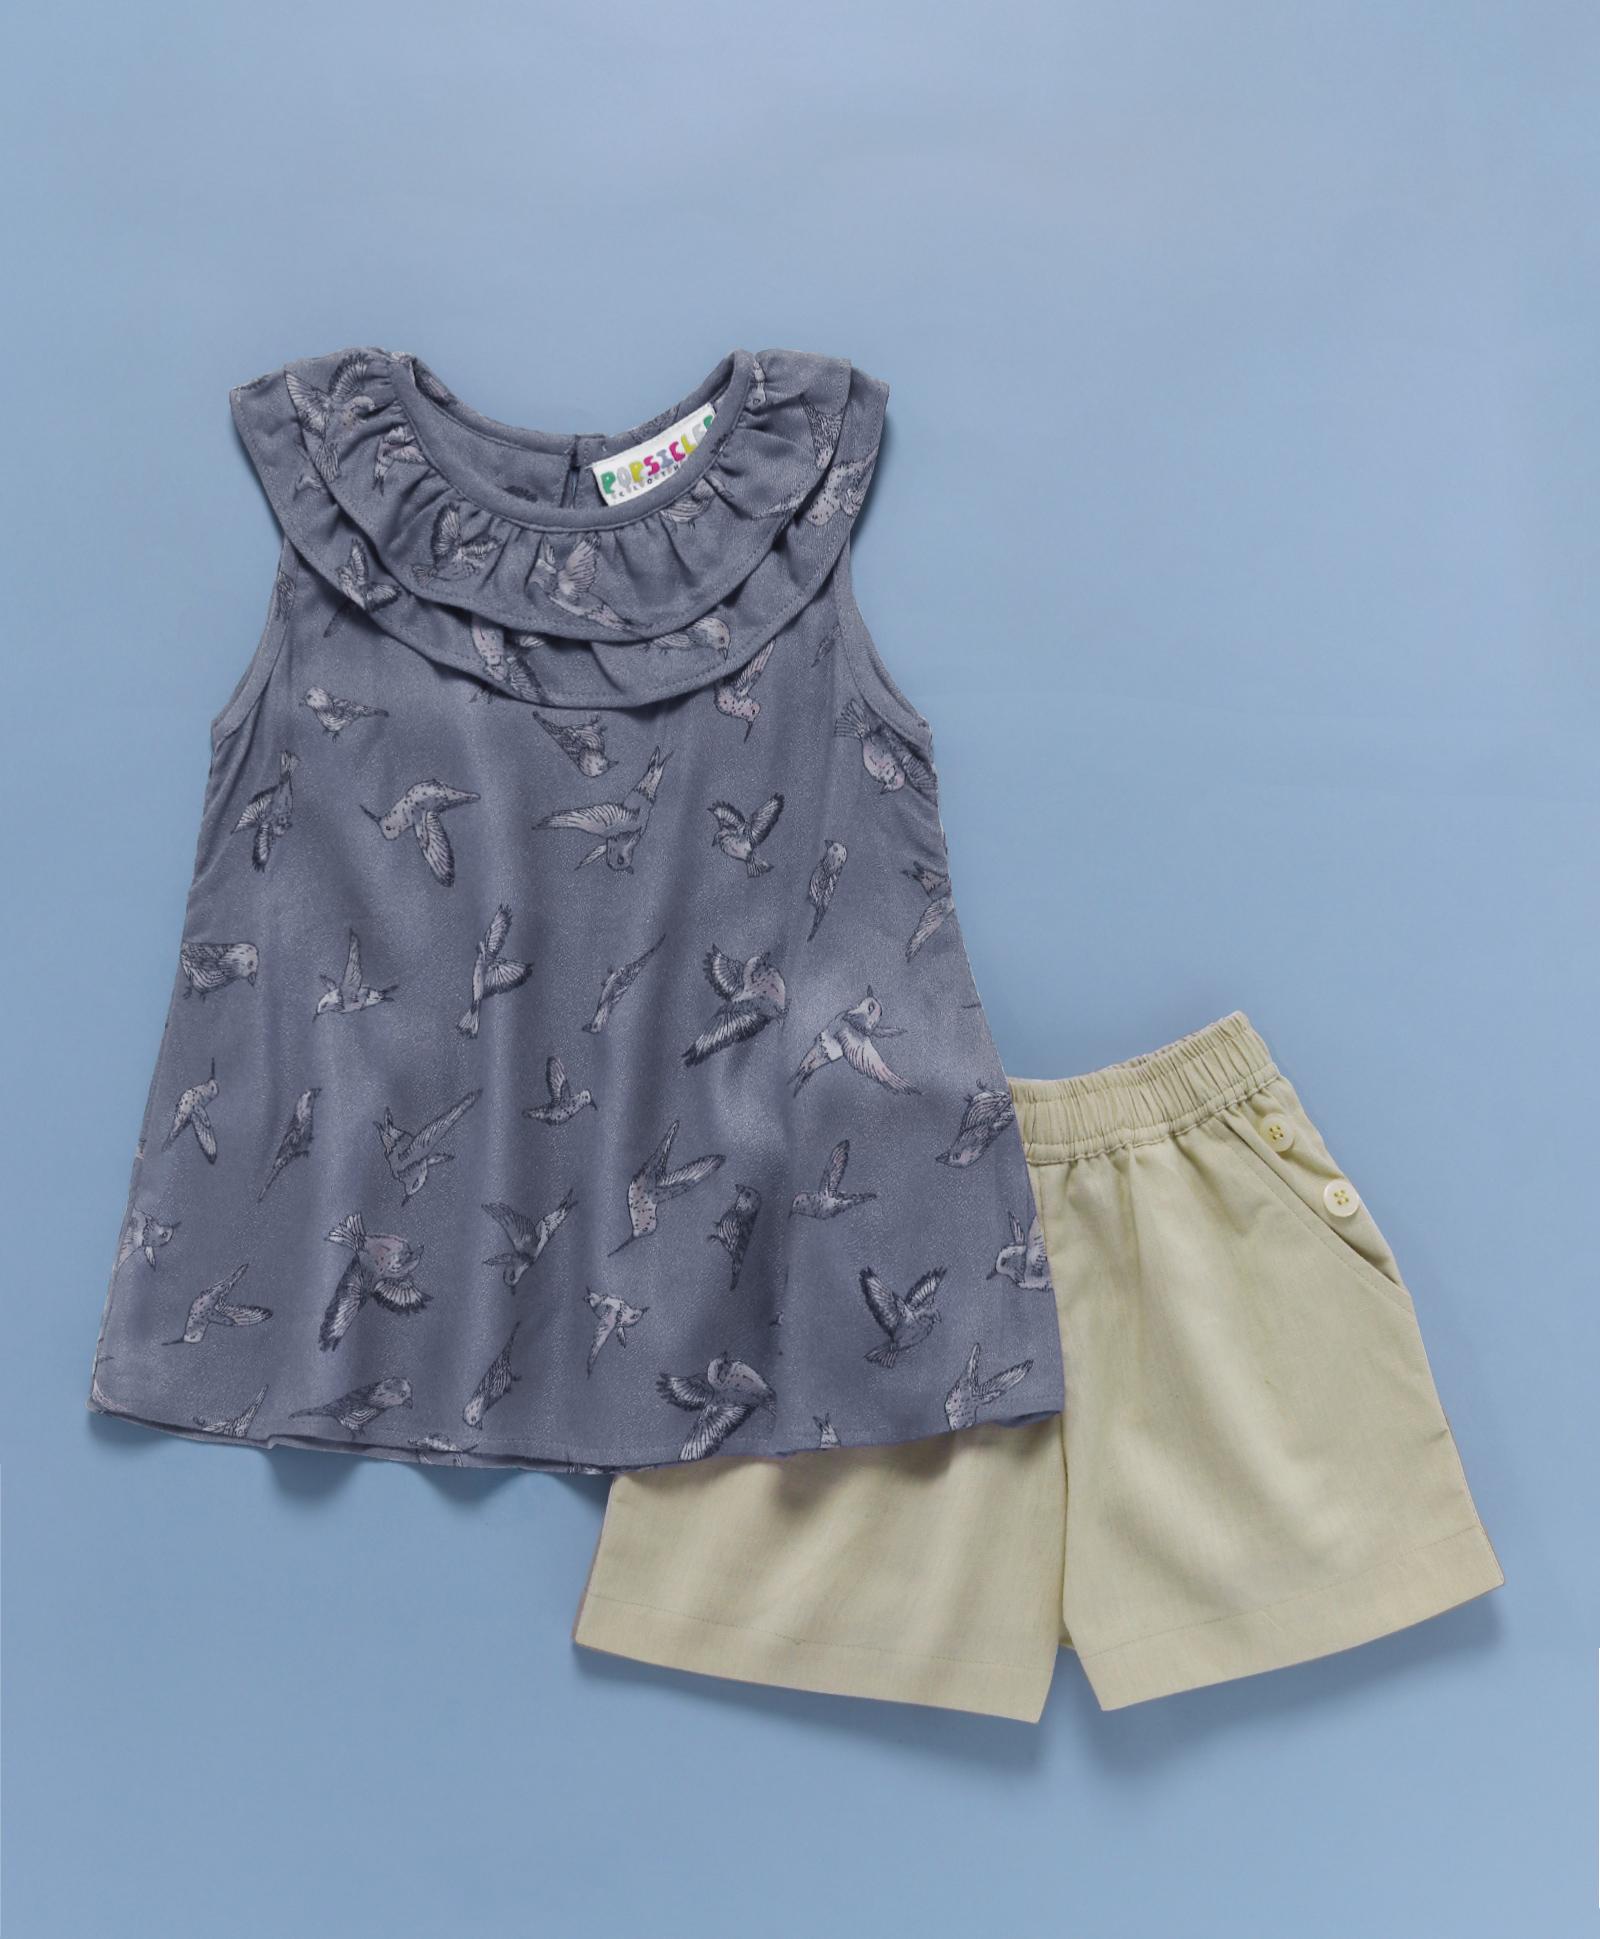 Popsicles Clothing   Popsicles Bird Flock Shorts Set Regular Fit Dress For Girl